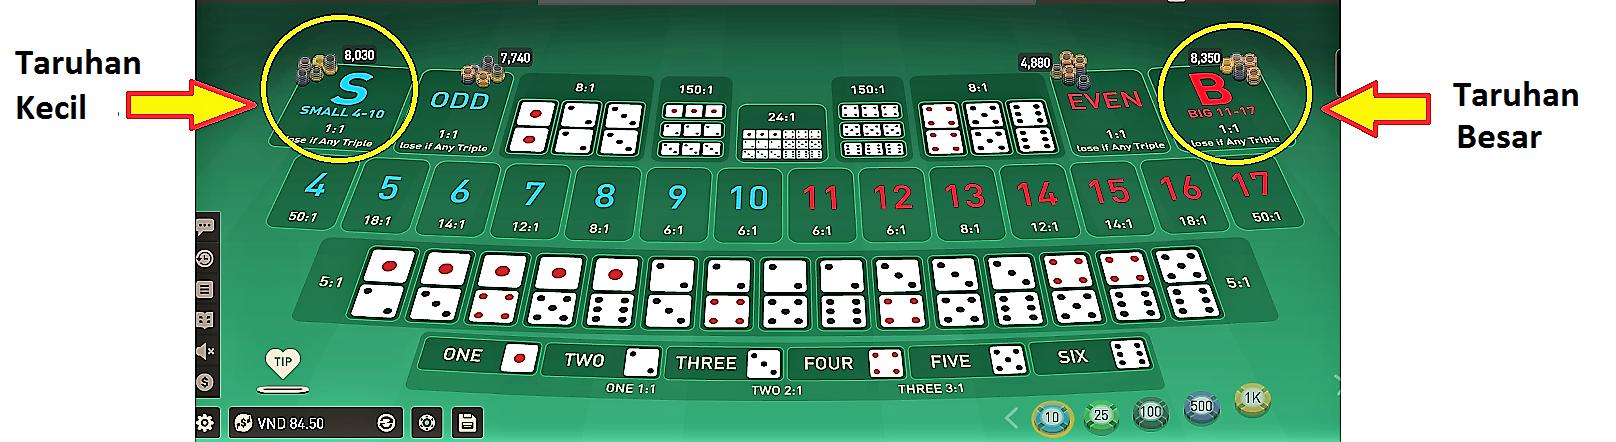 Jenis-Taruhan-Dalam-Permainan-Sicbo-Judi-di-Casino-Online-W88